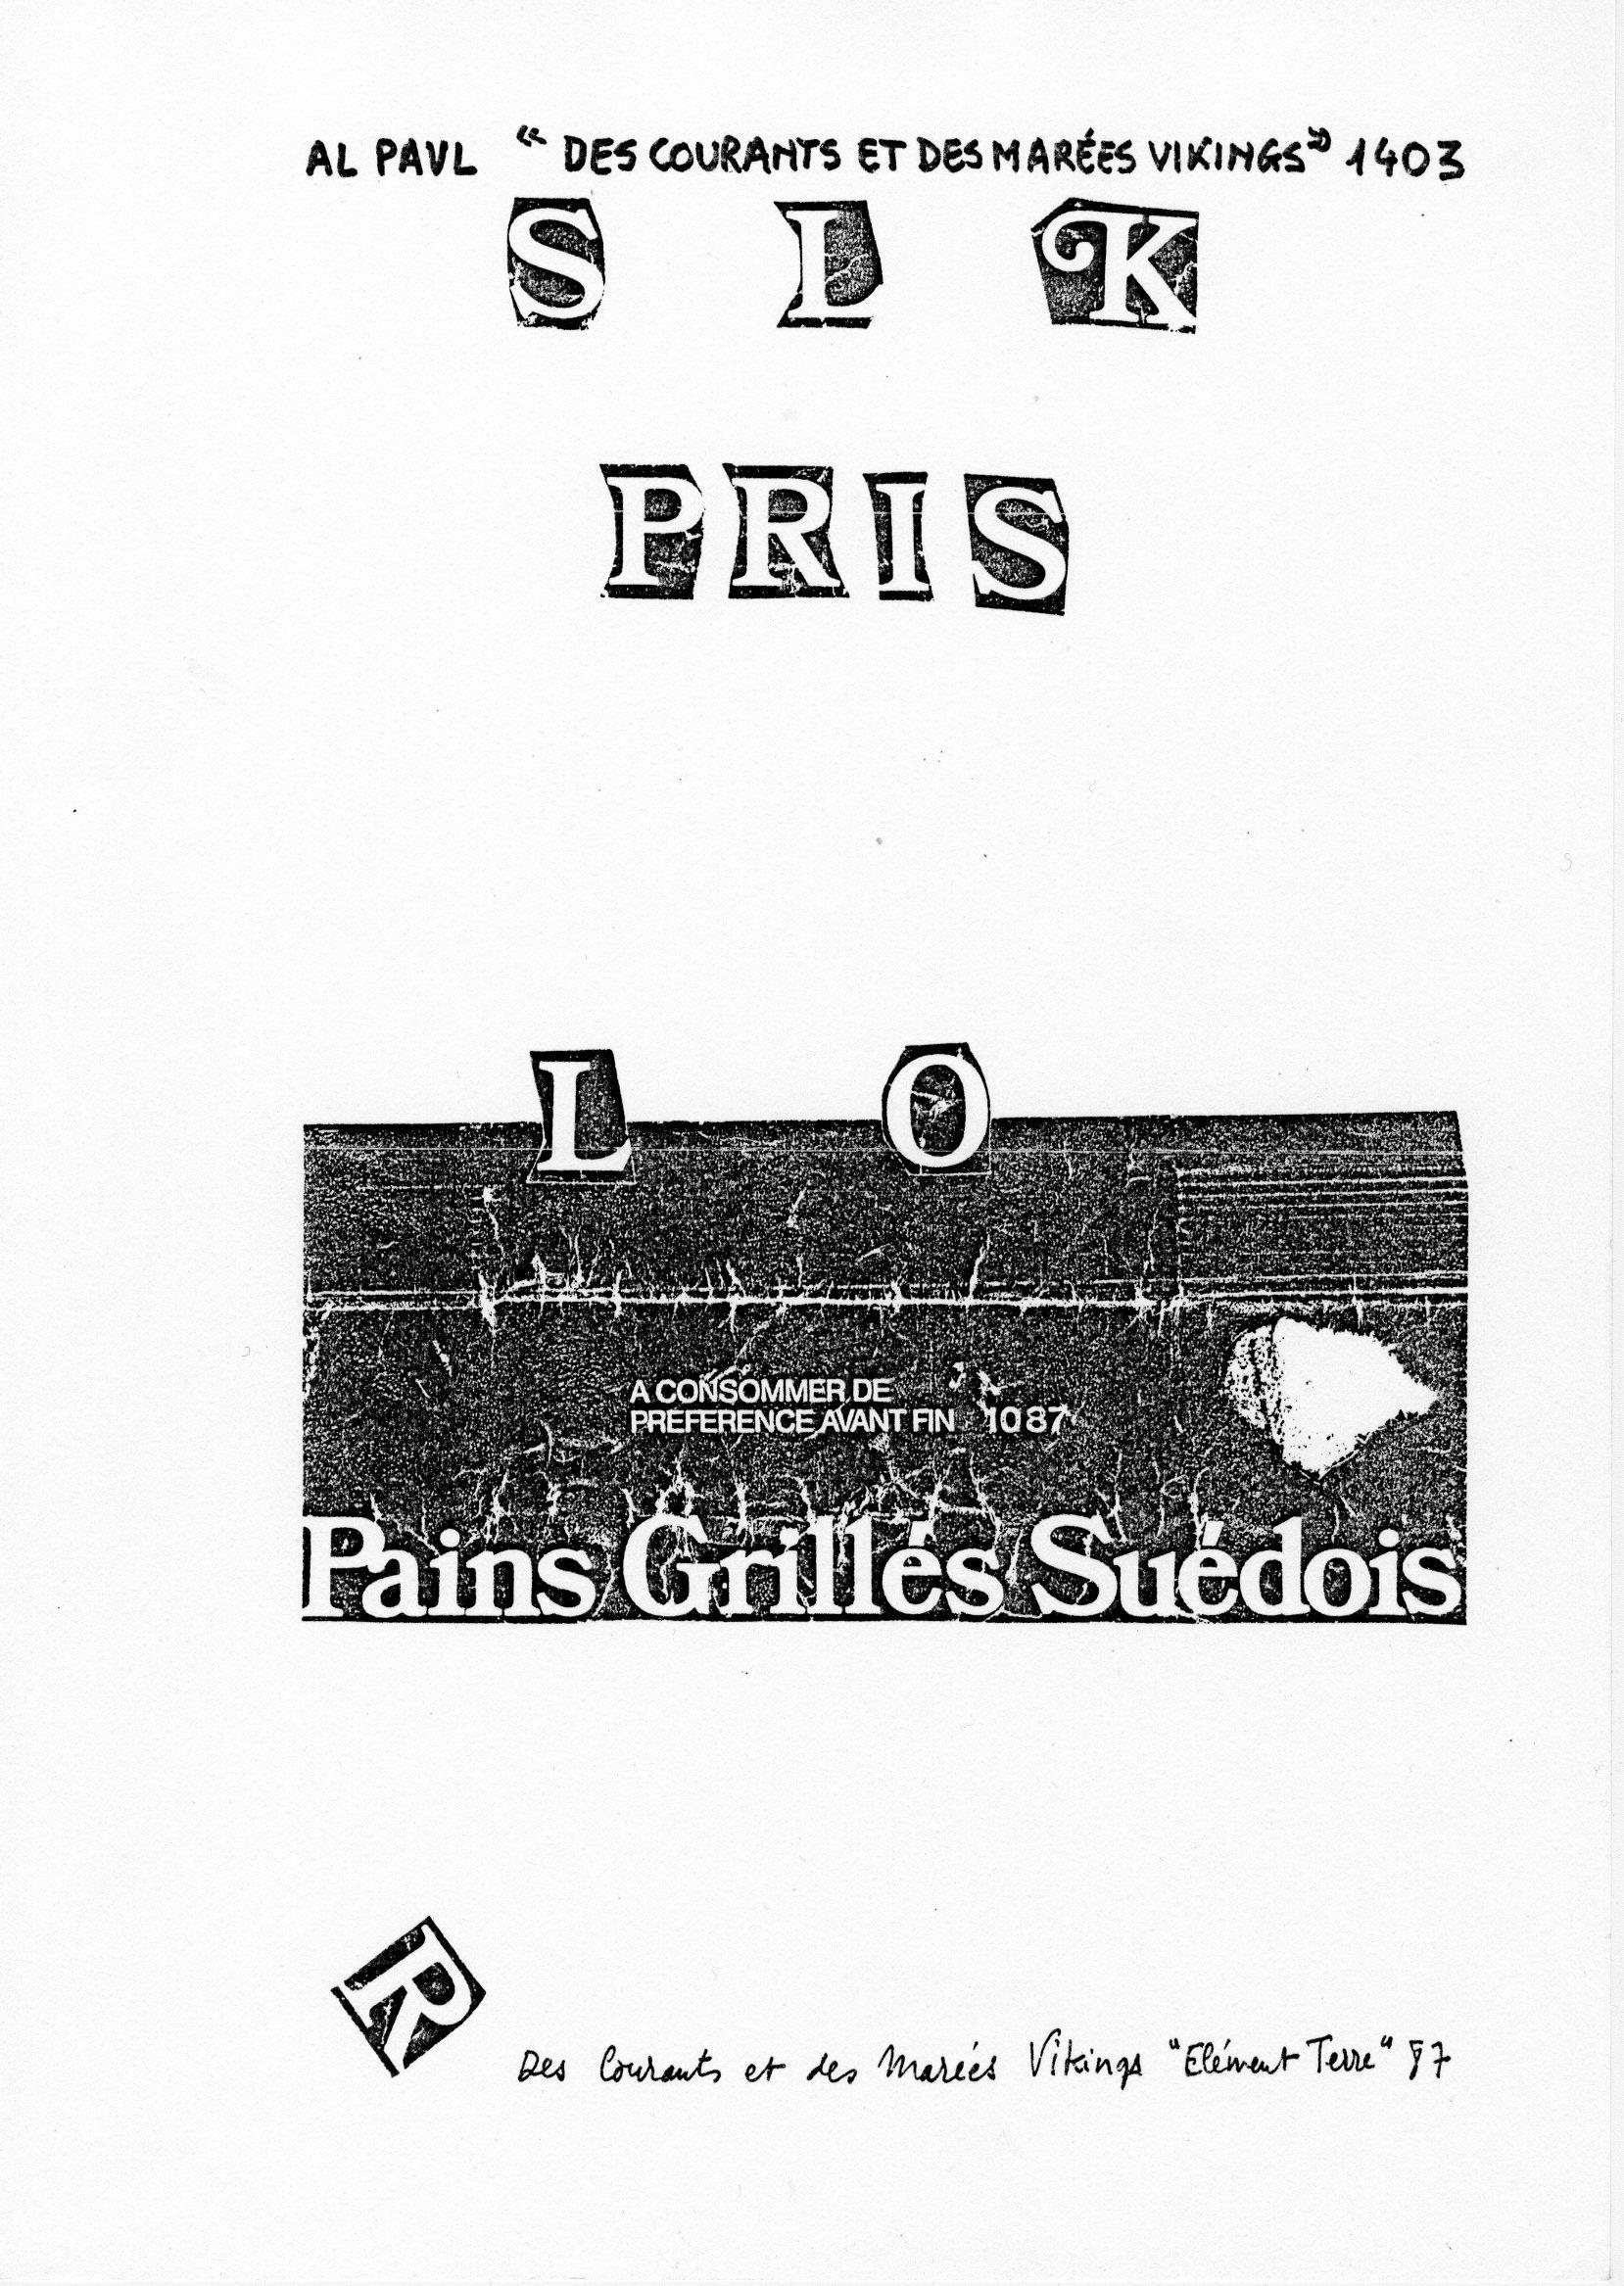 page 1403 Al Pavl DES COURANTS ET DES MAREES VIKINGS